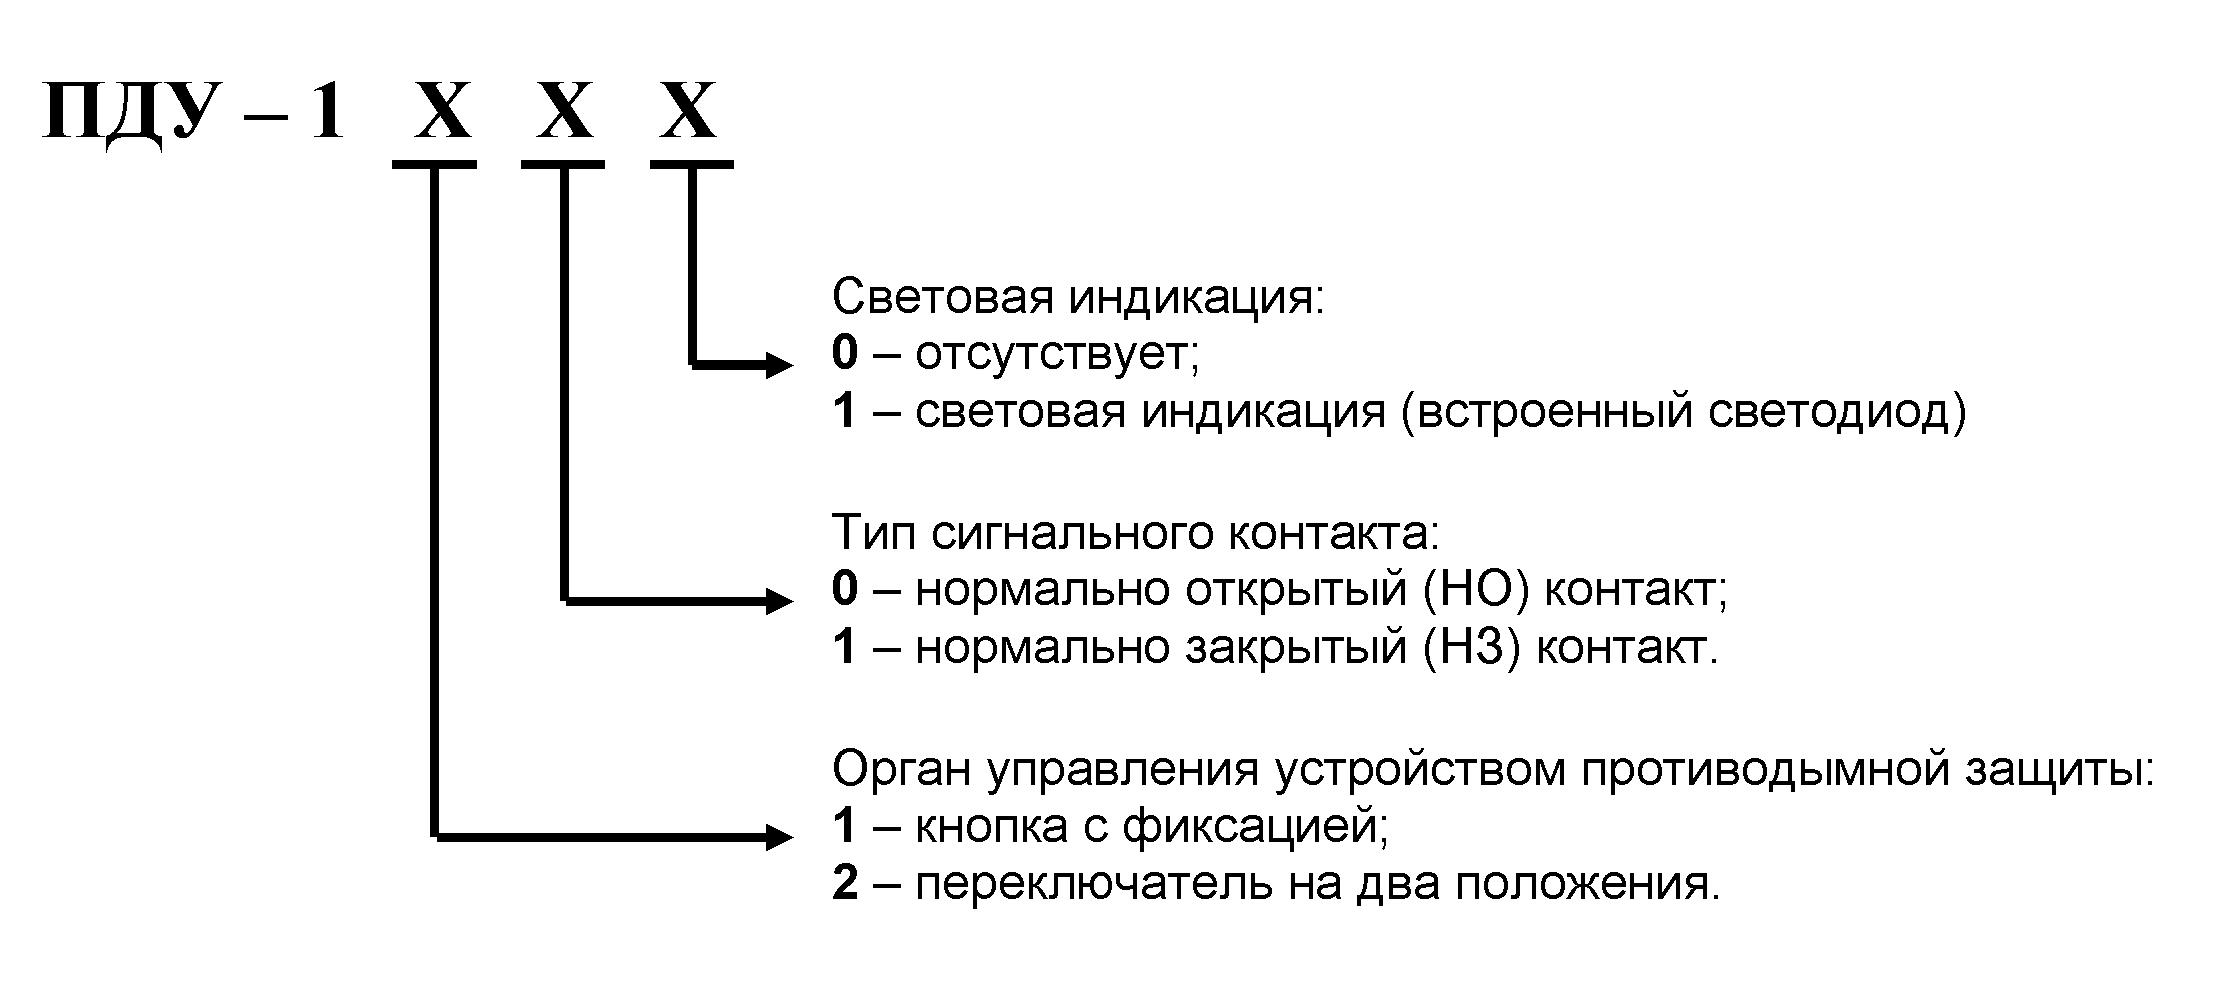 Структура обозначения ПДУ